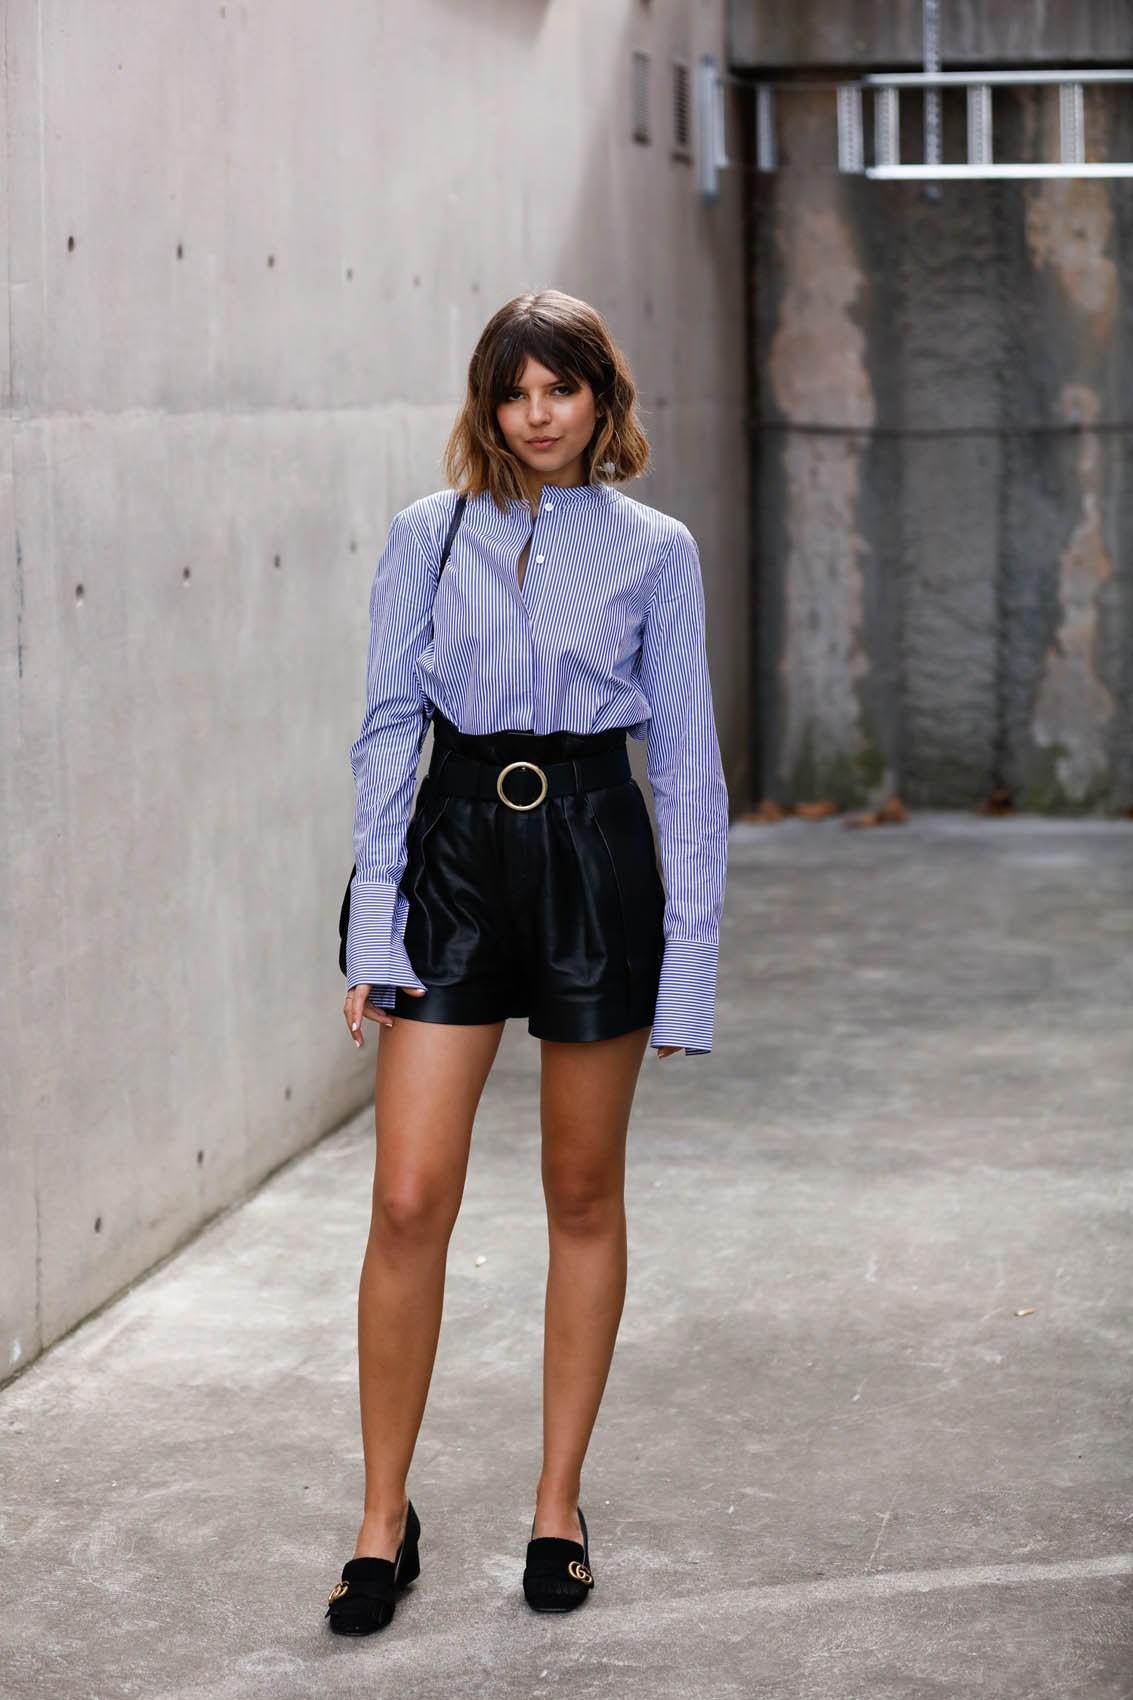 quần shorts nữ chất liệu da màu đen thắt lưng đen áo sơmi xanh kẻ sọc